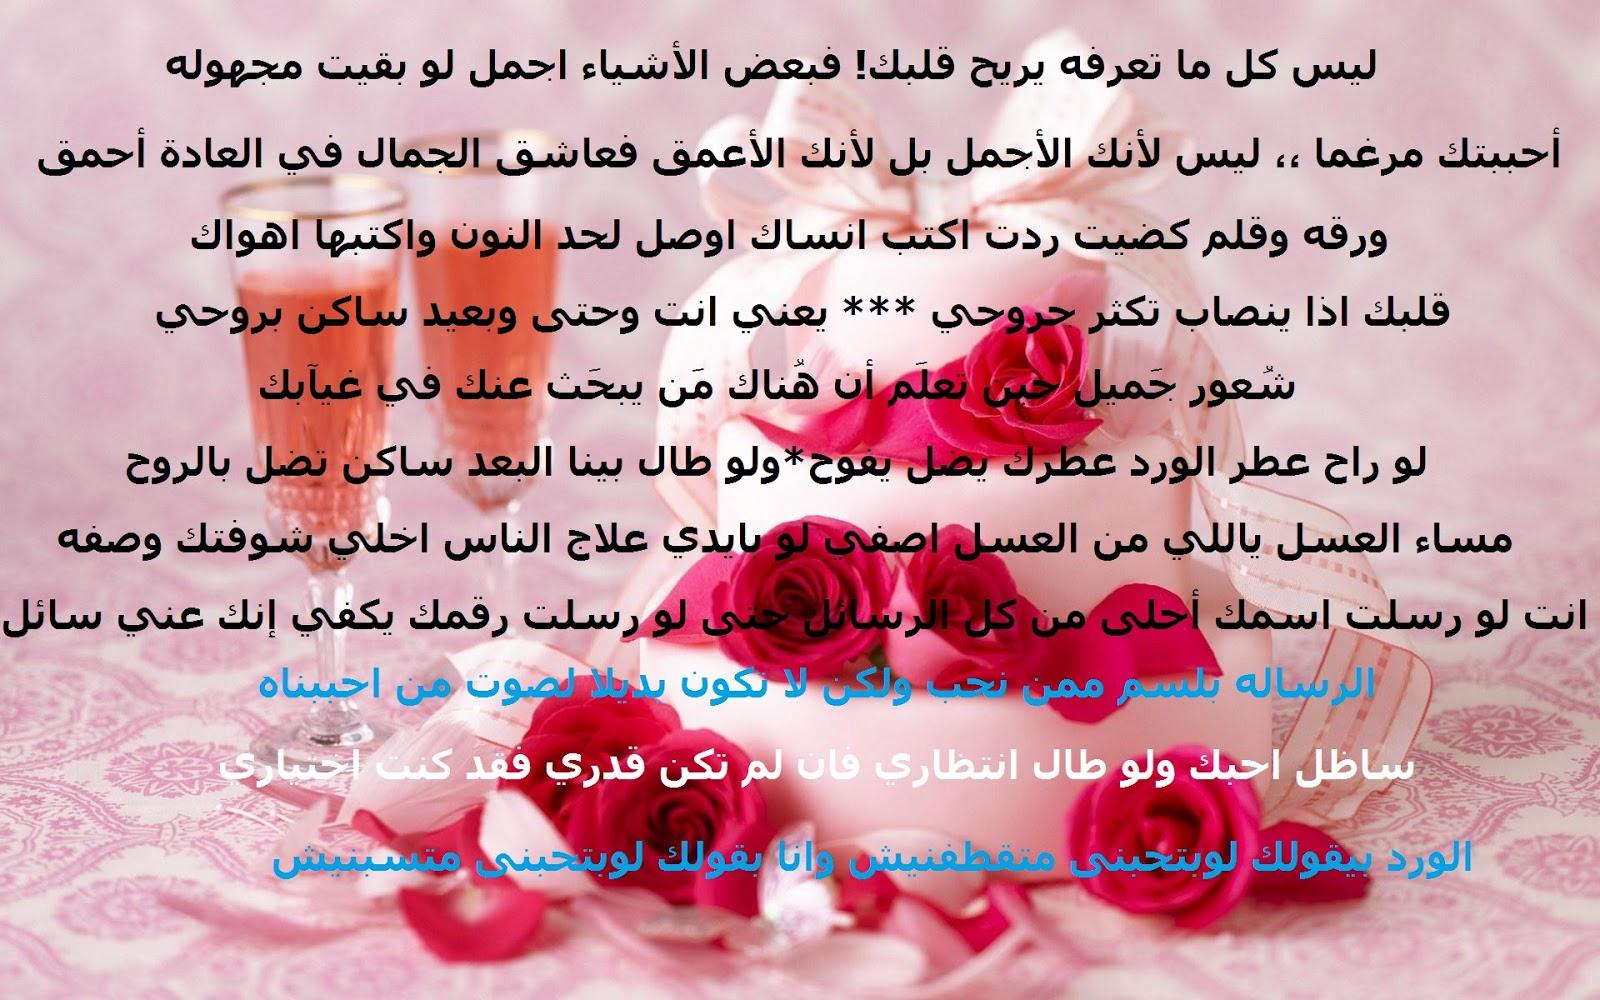 بالصور احلى رسائل حب , اجمل رسالة رومنسيه معبره عن الحب 872 6